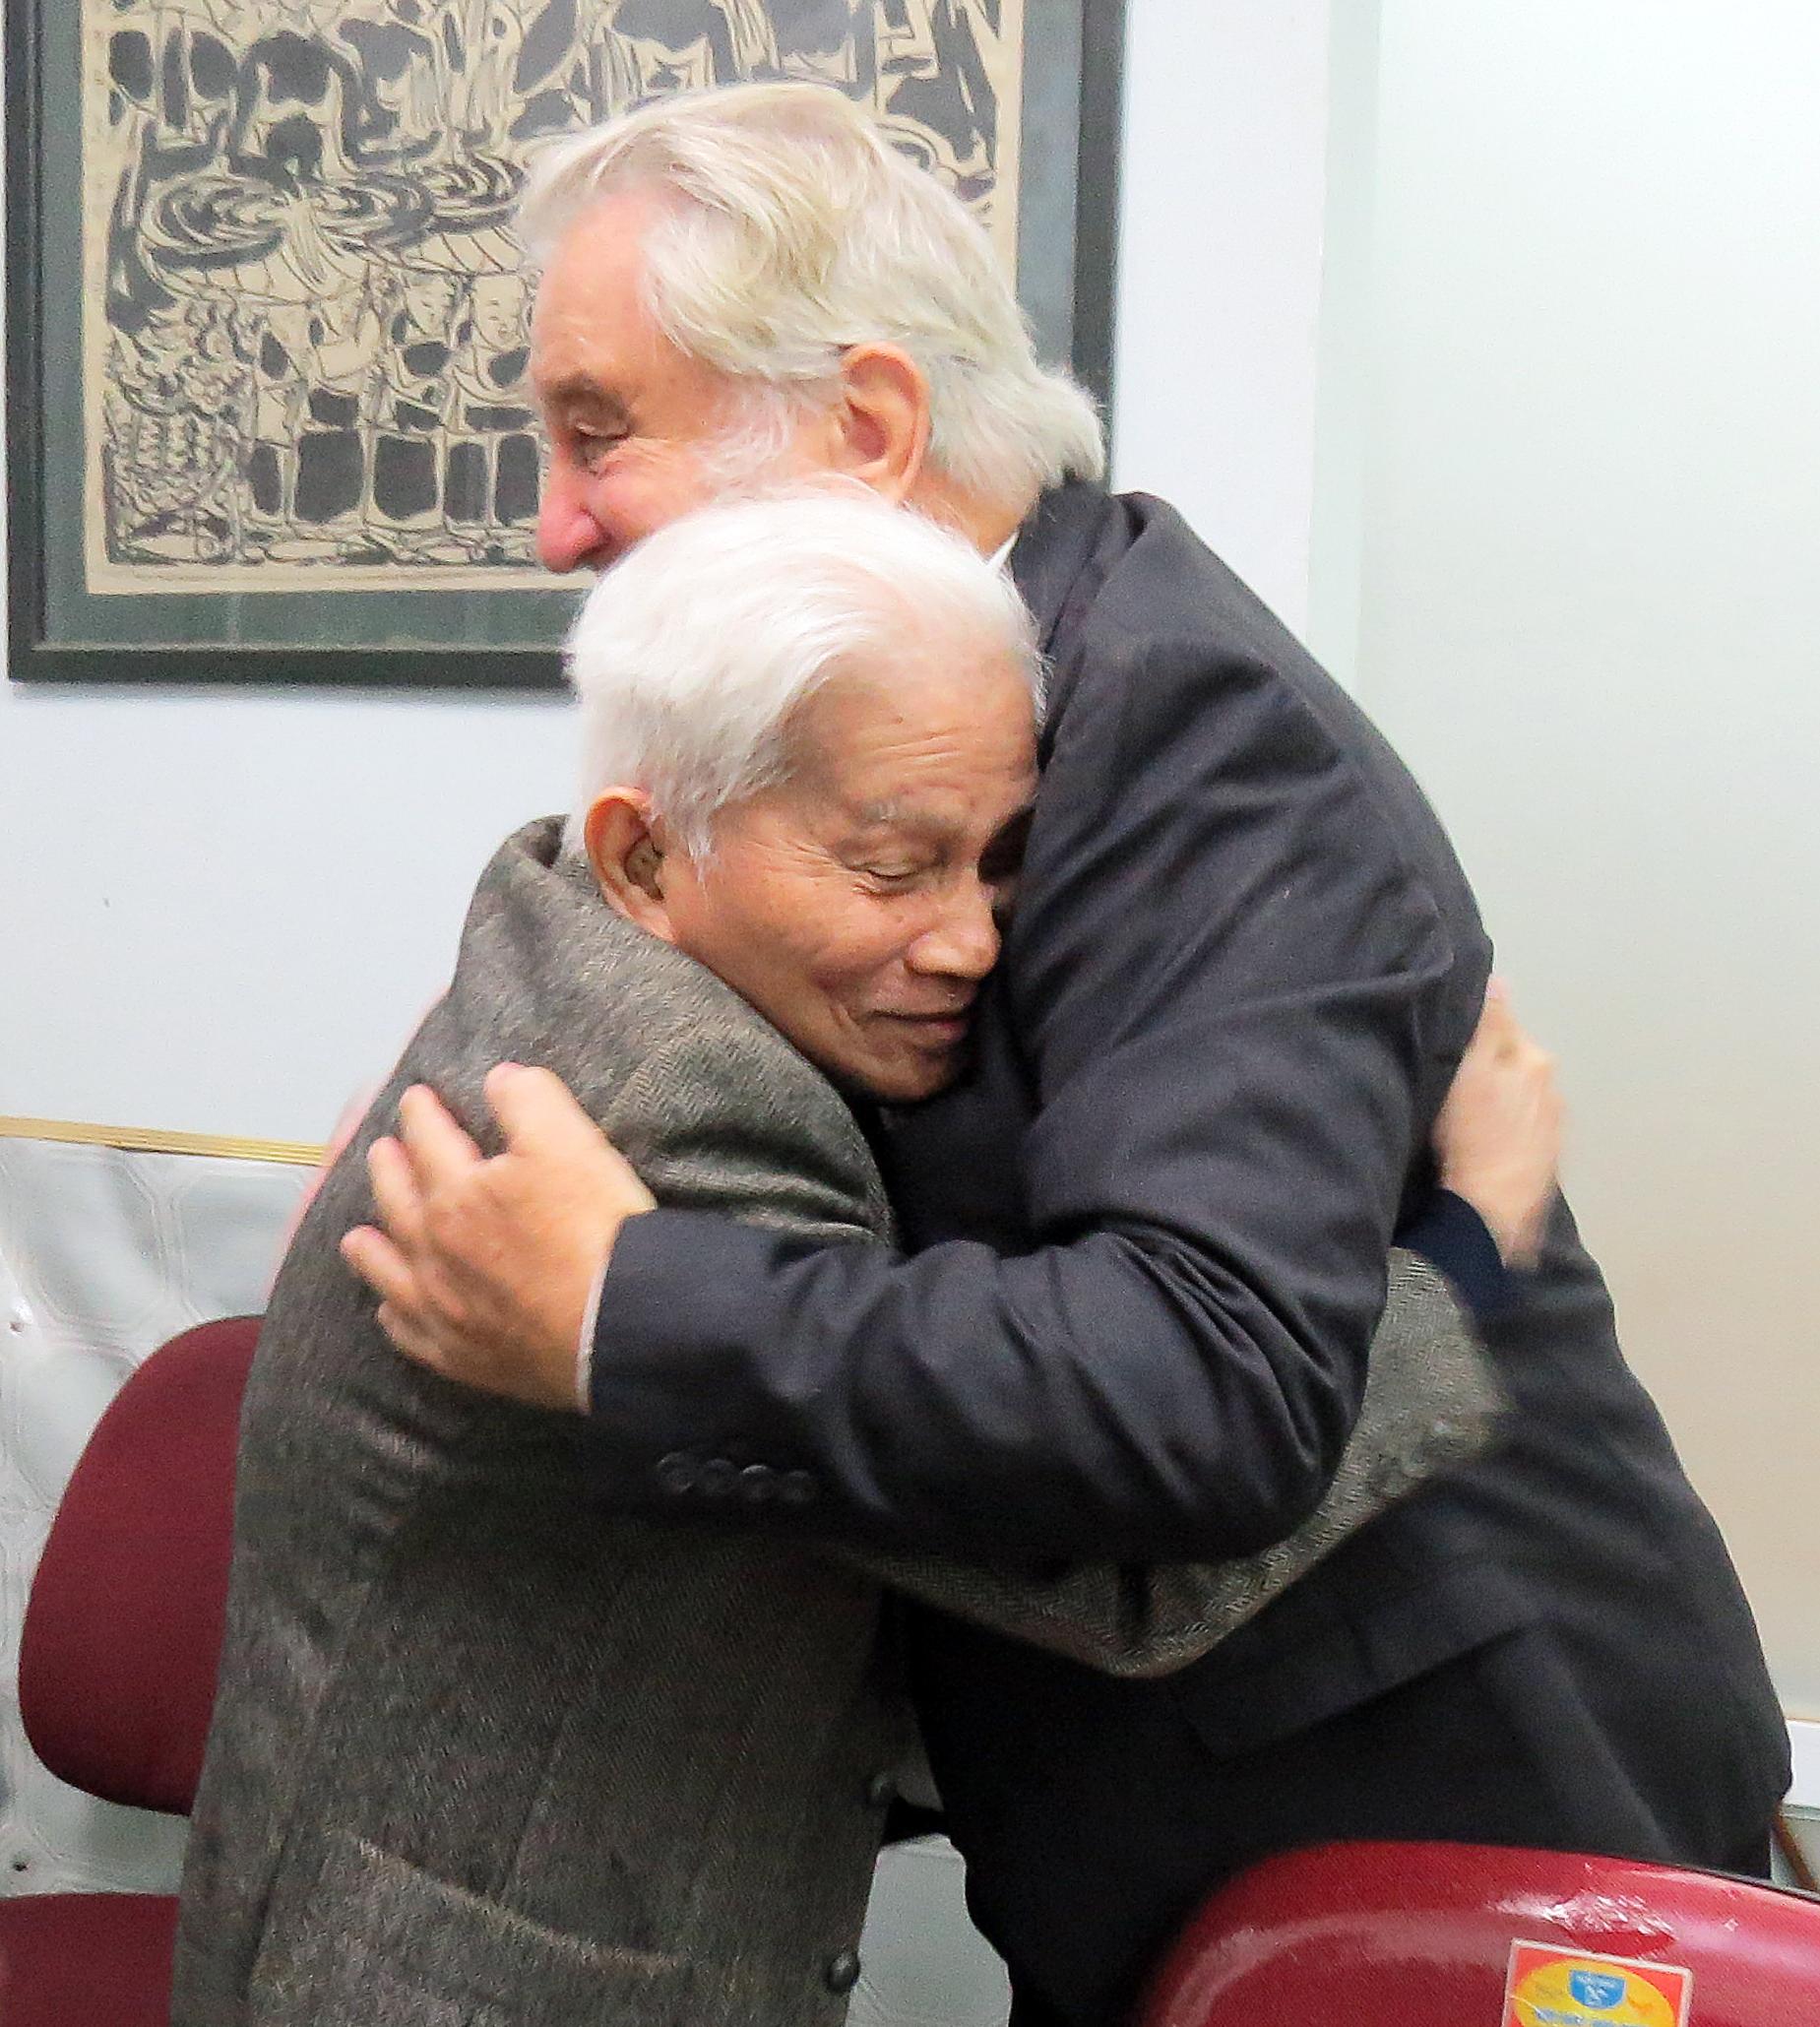 Giáo sư Hoàng Tụy và giáo sư Pierre tại buổi mừng sinh nhật lần thứ 85 của GS. Hoàng Tụy do Tia Sáng tổ chức.